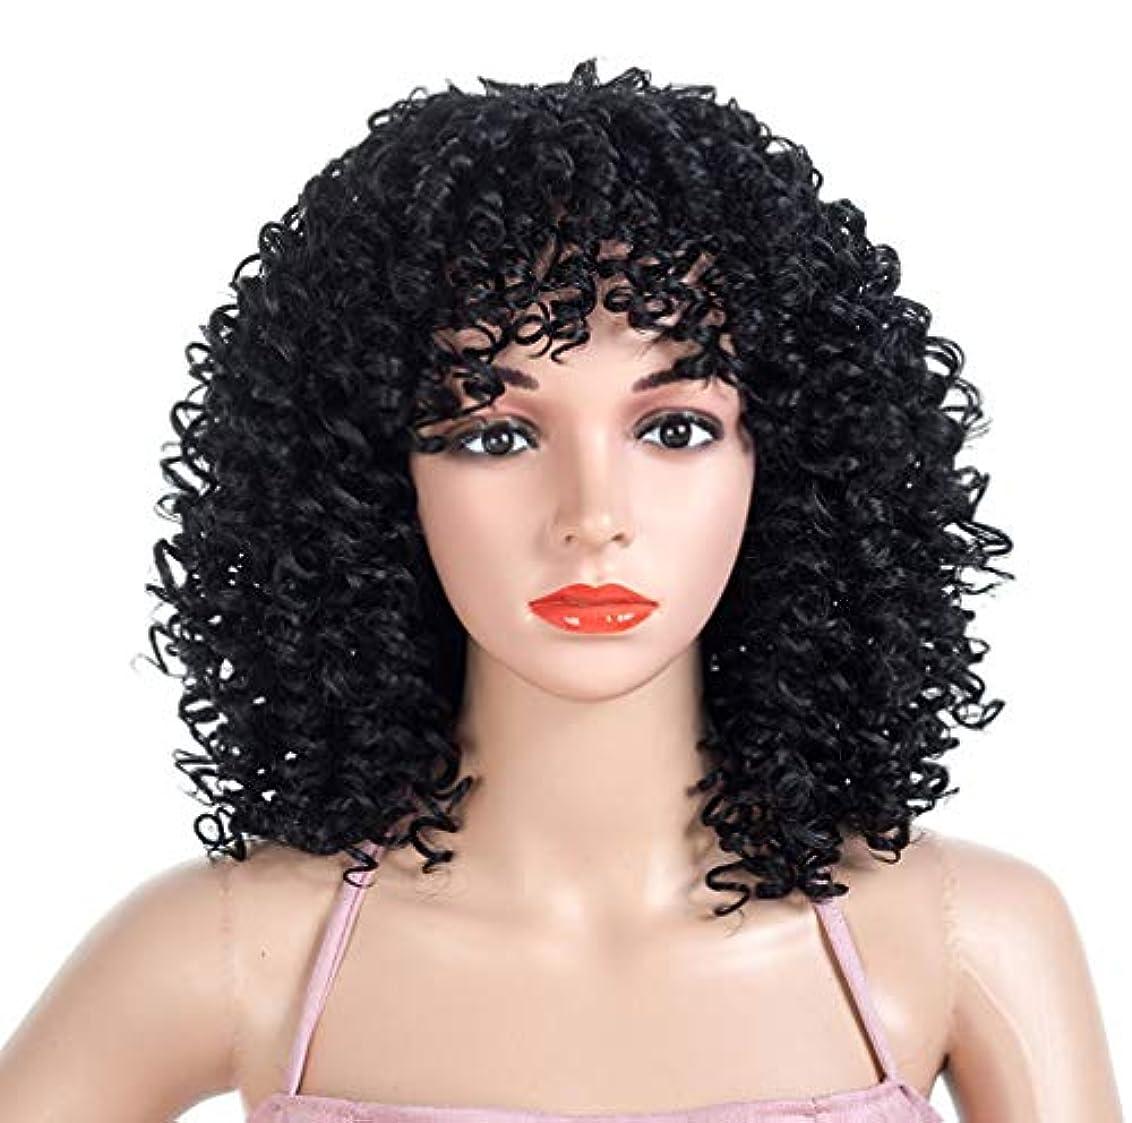 衛星アイロニー優しい女性150%密度ブラジル巻き毛ウィッグショートボブウィッグブラックブラック